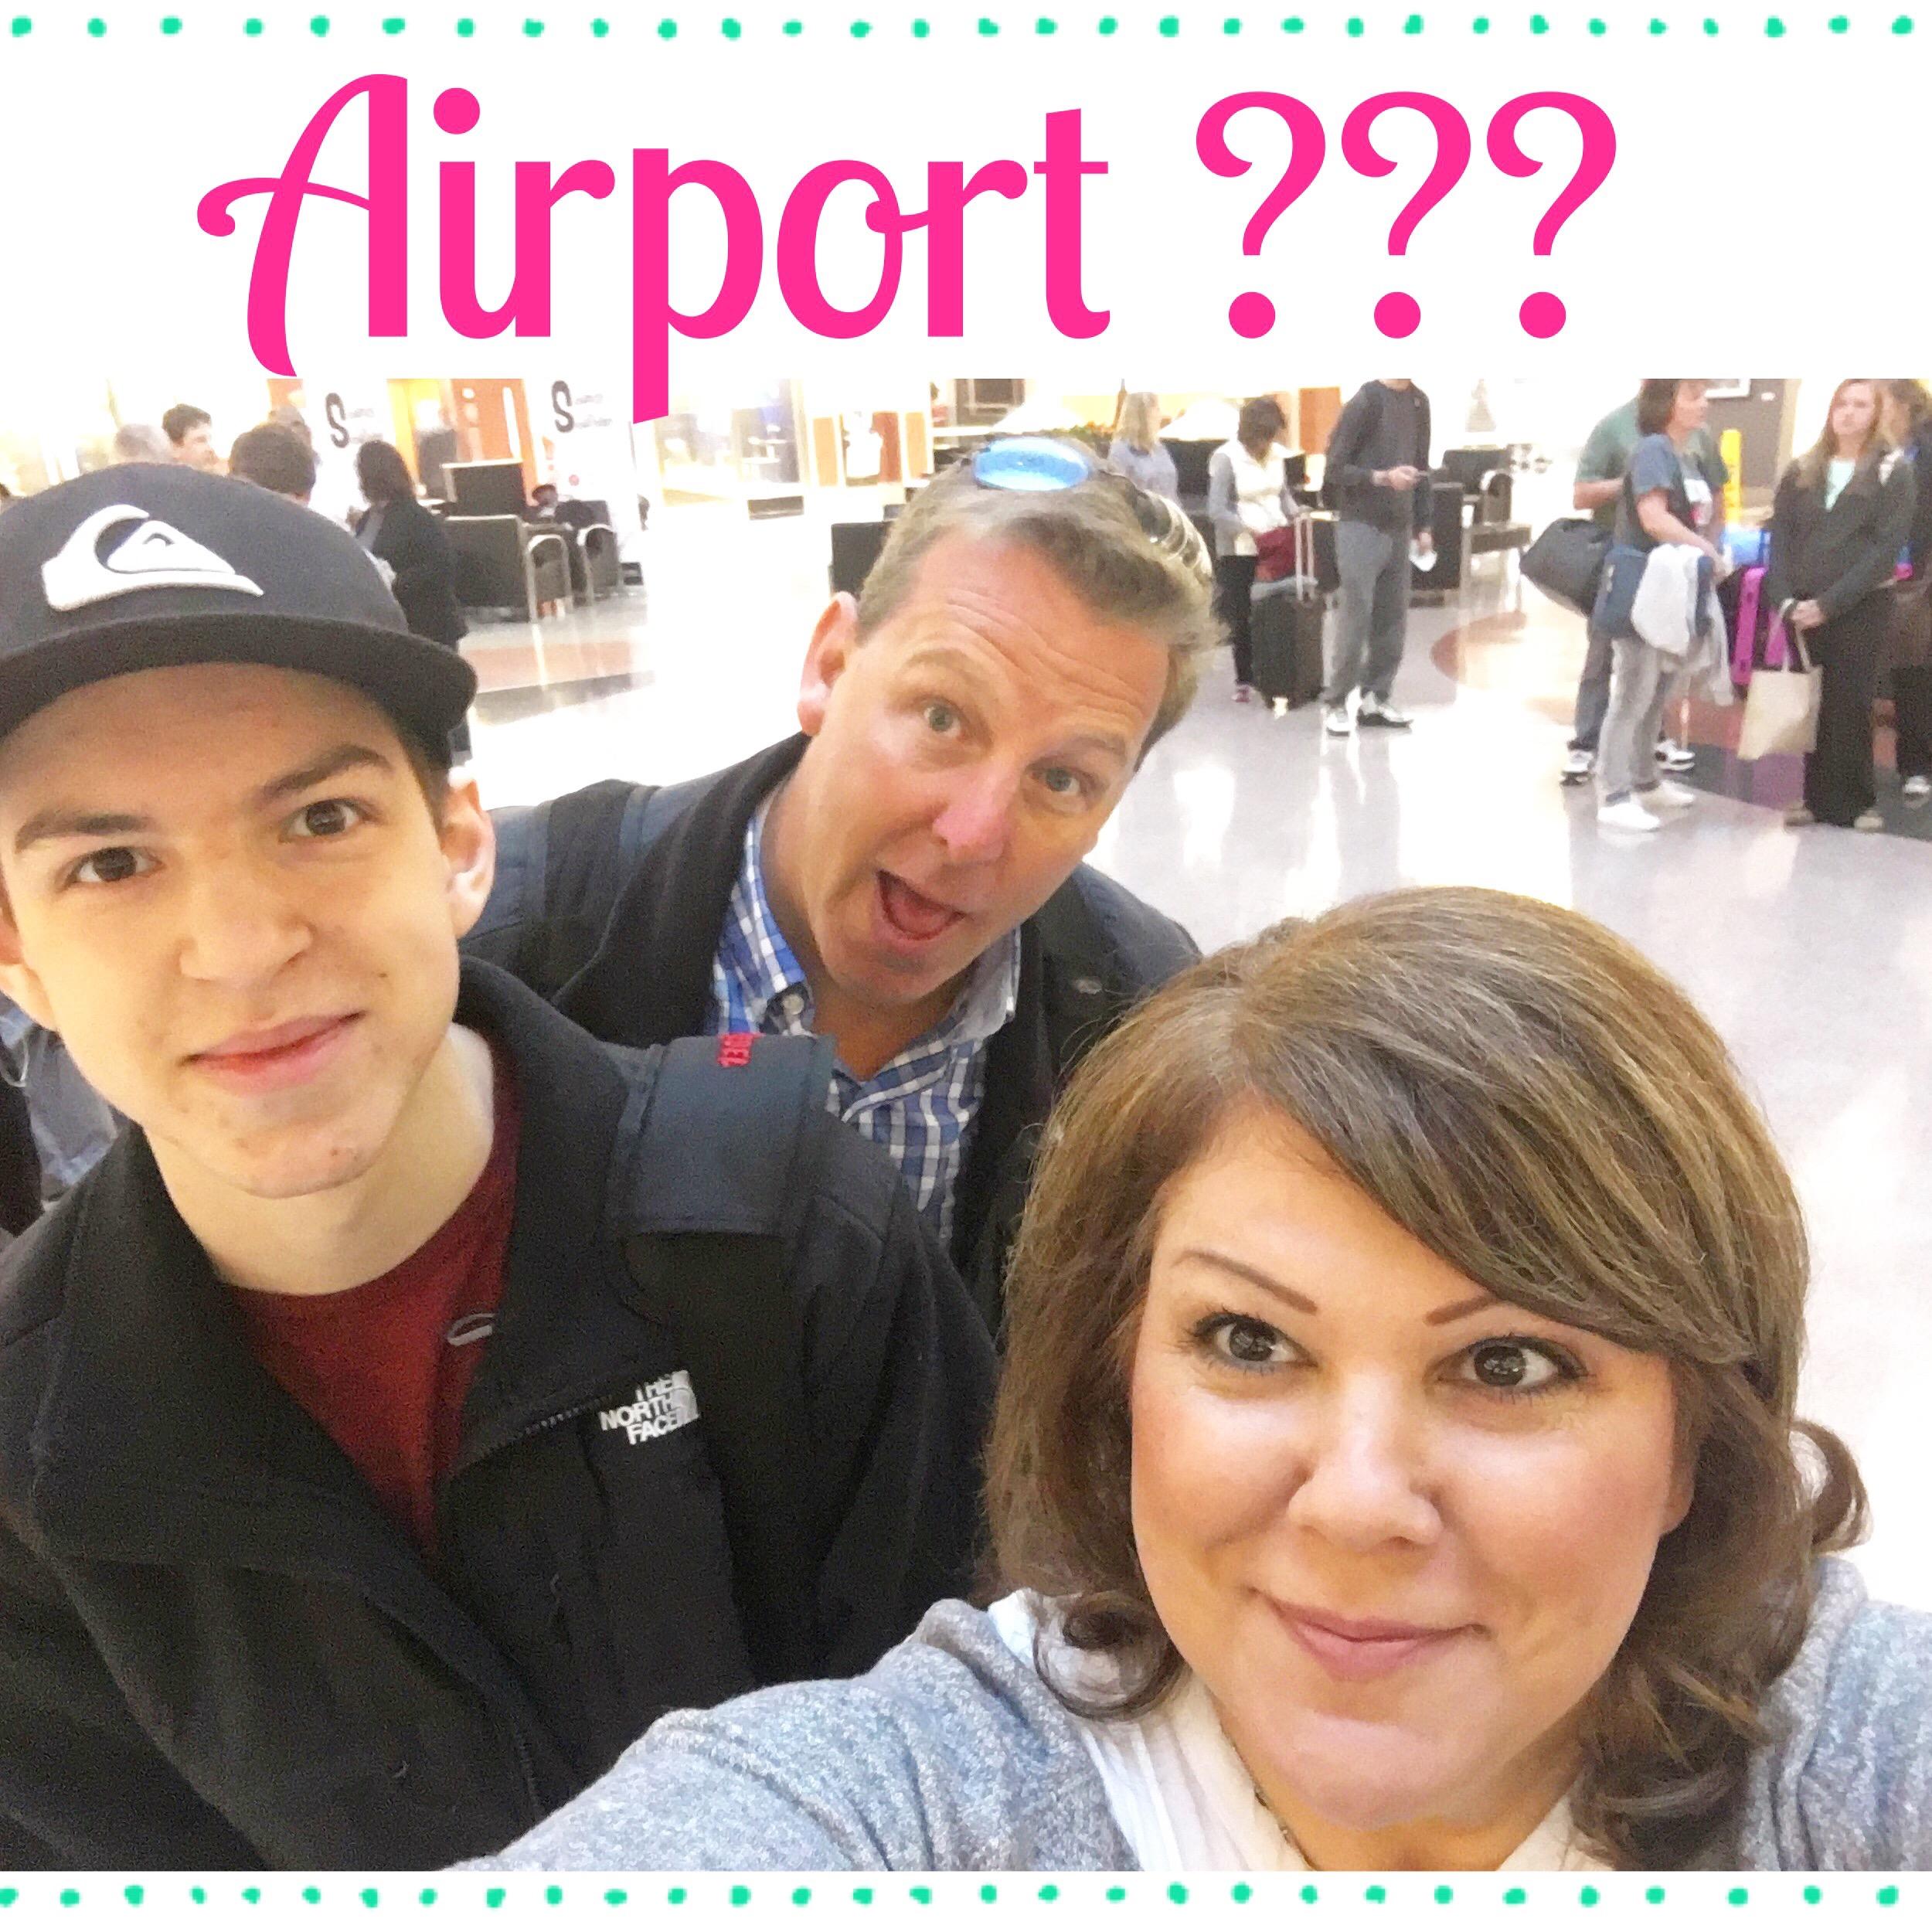 airport-washington-dc-a-peach-life